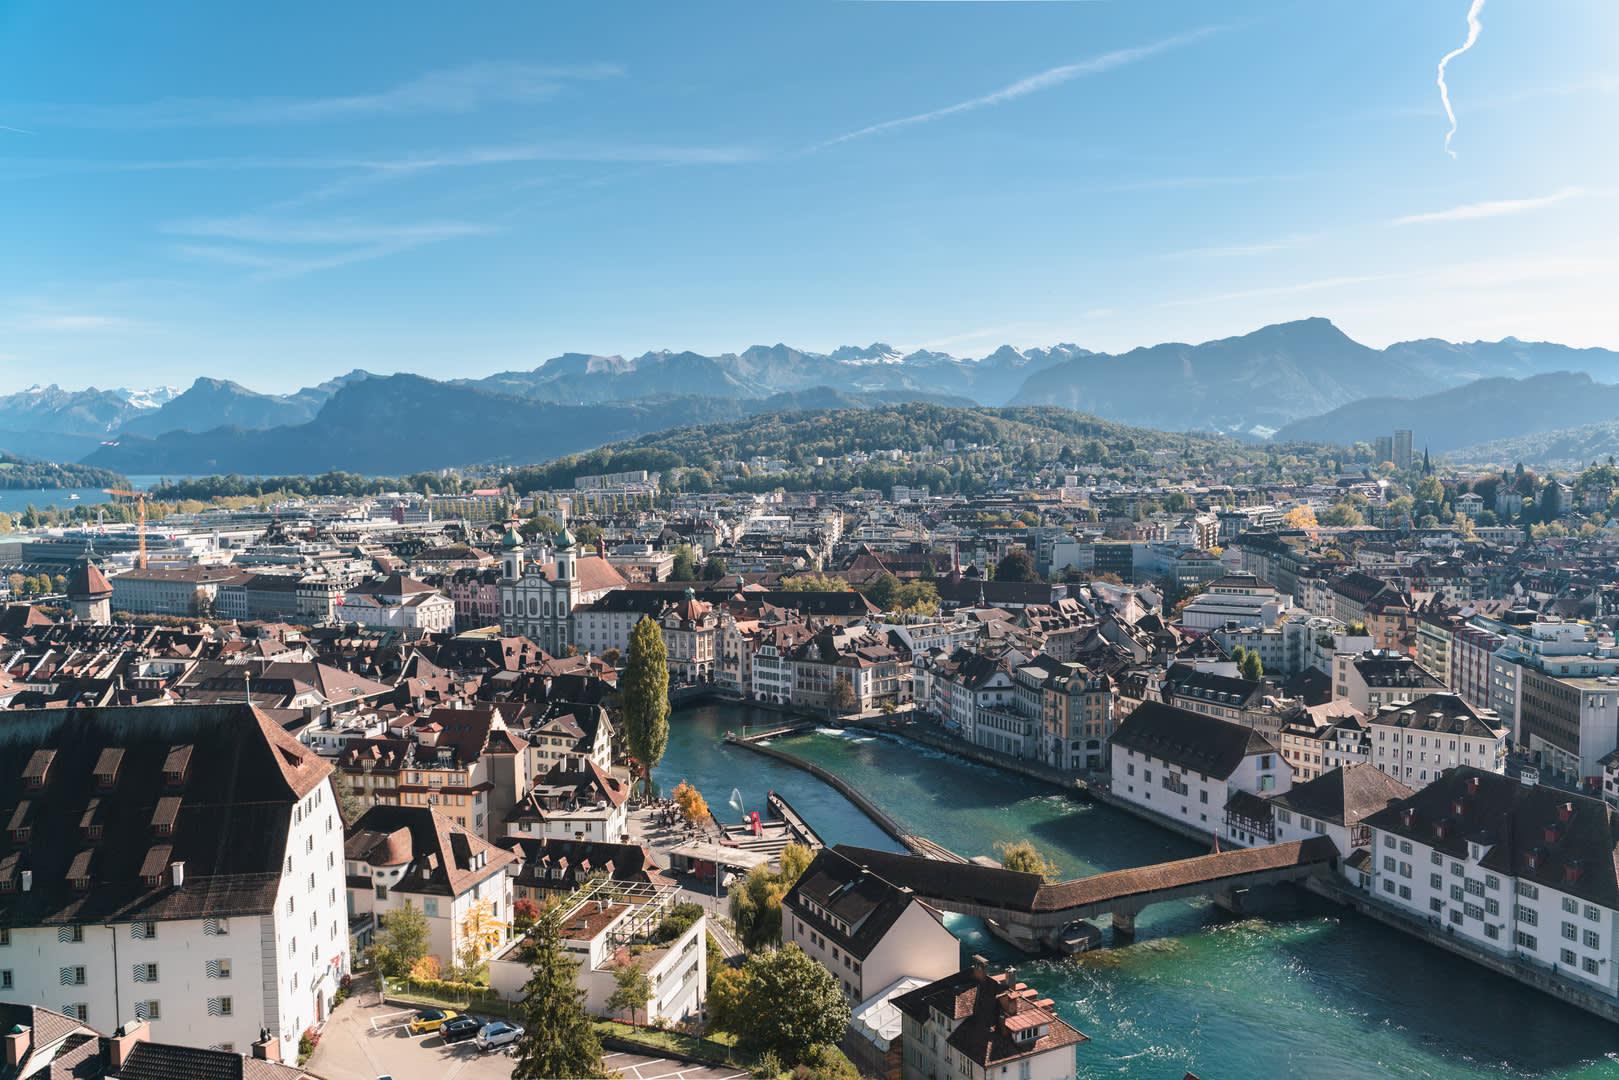 Aussicht von der Museggmauer Luzern